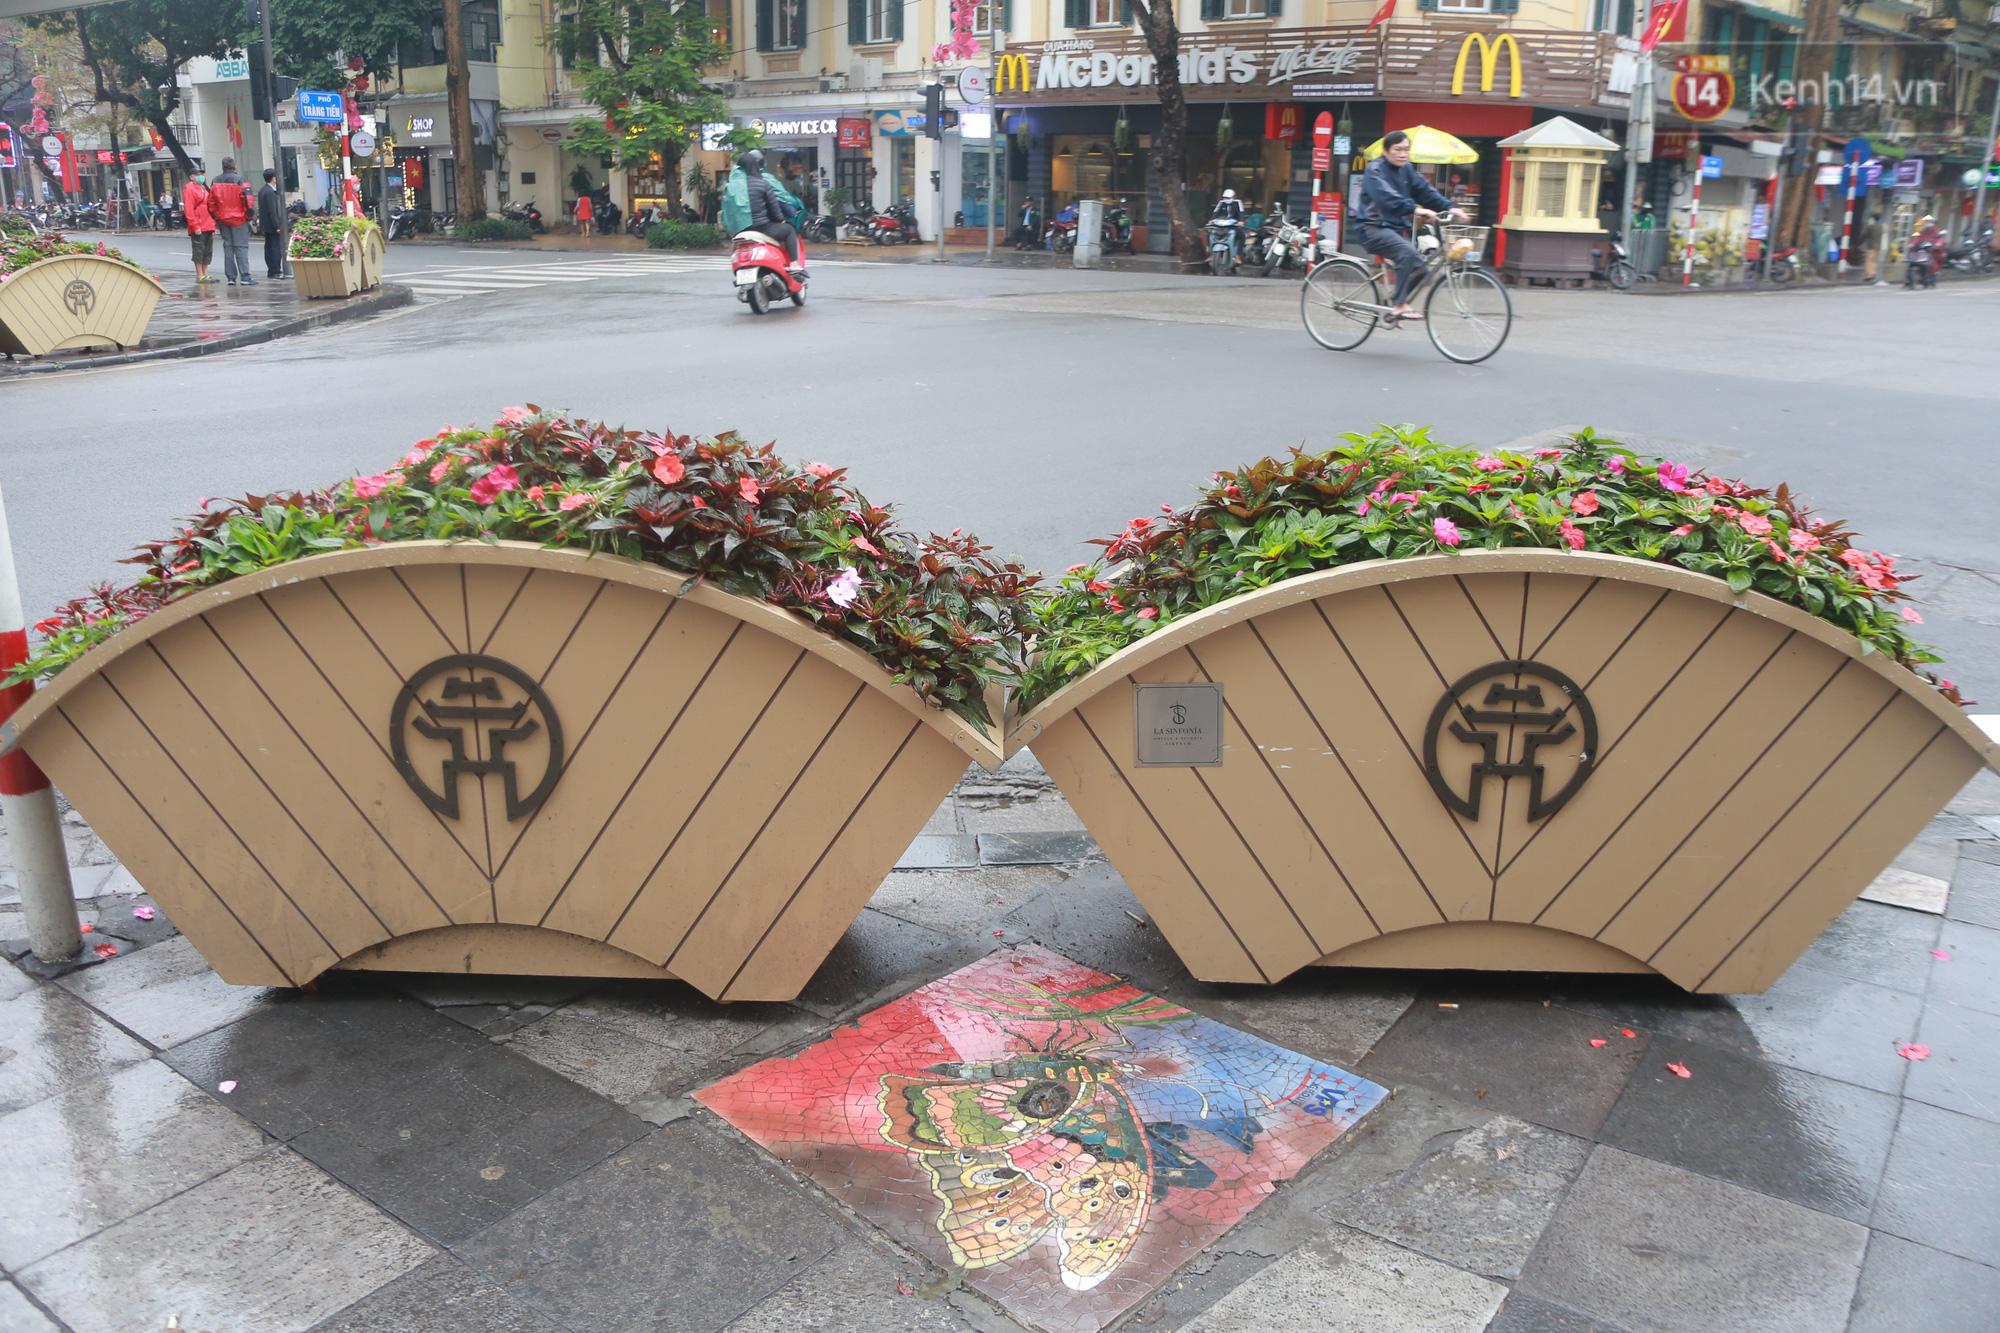 """Ảnh: Nắp cống, hố ga """"vô tri, vô giác"""" tại phố đi bộ Hà Nội biến thành tác phẩm nghệ thuật đẹp như tranh vẽ - Ảnh 3."""